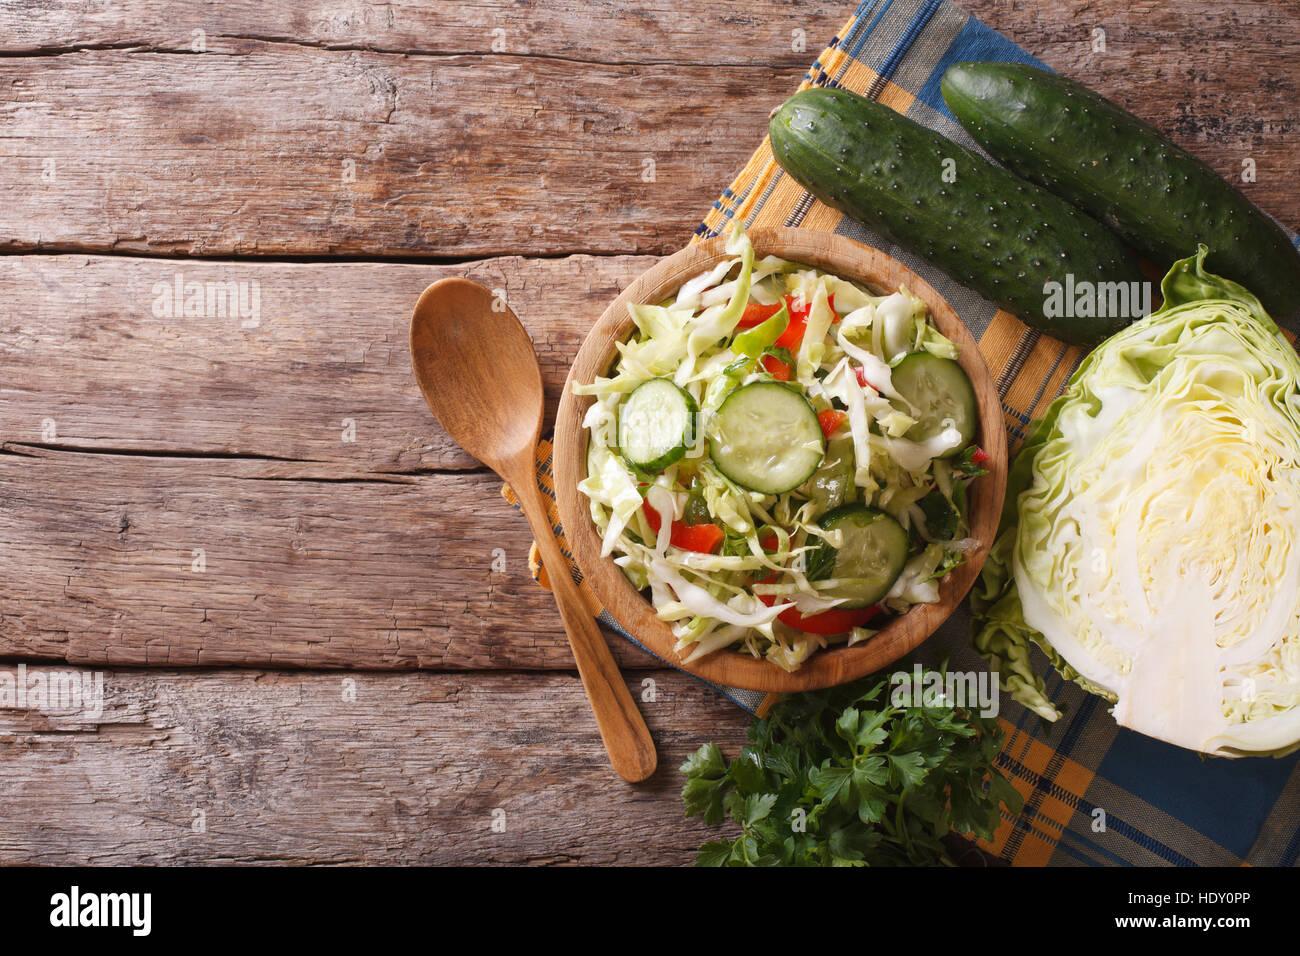 Hausmannskost: Krautsalat und Zutaten auf den Tisch, Ansicht von oben Stockbild